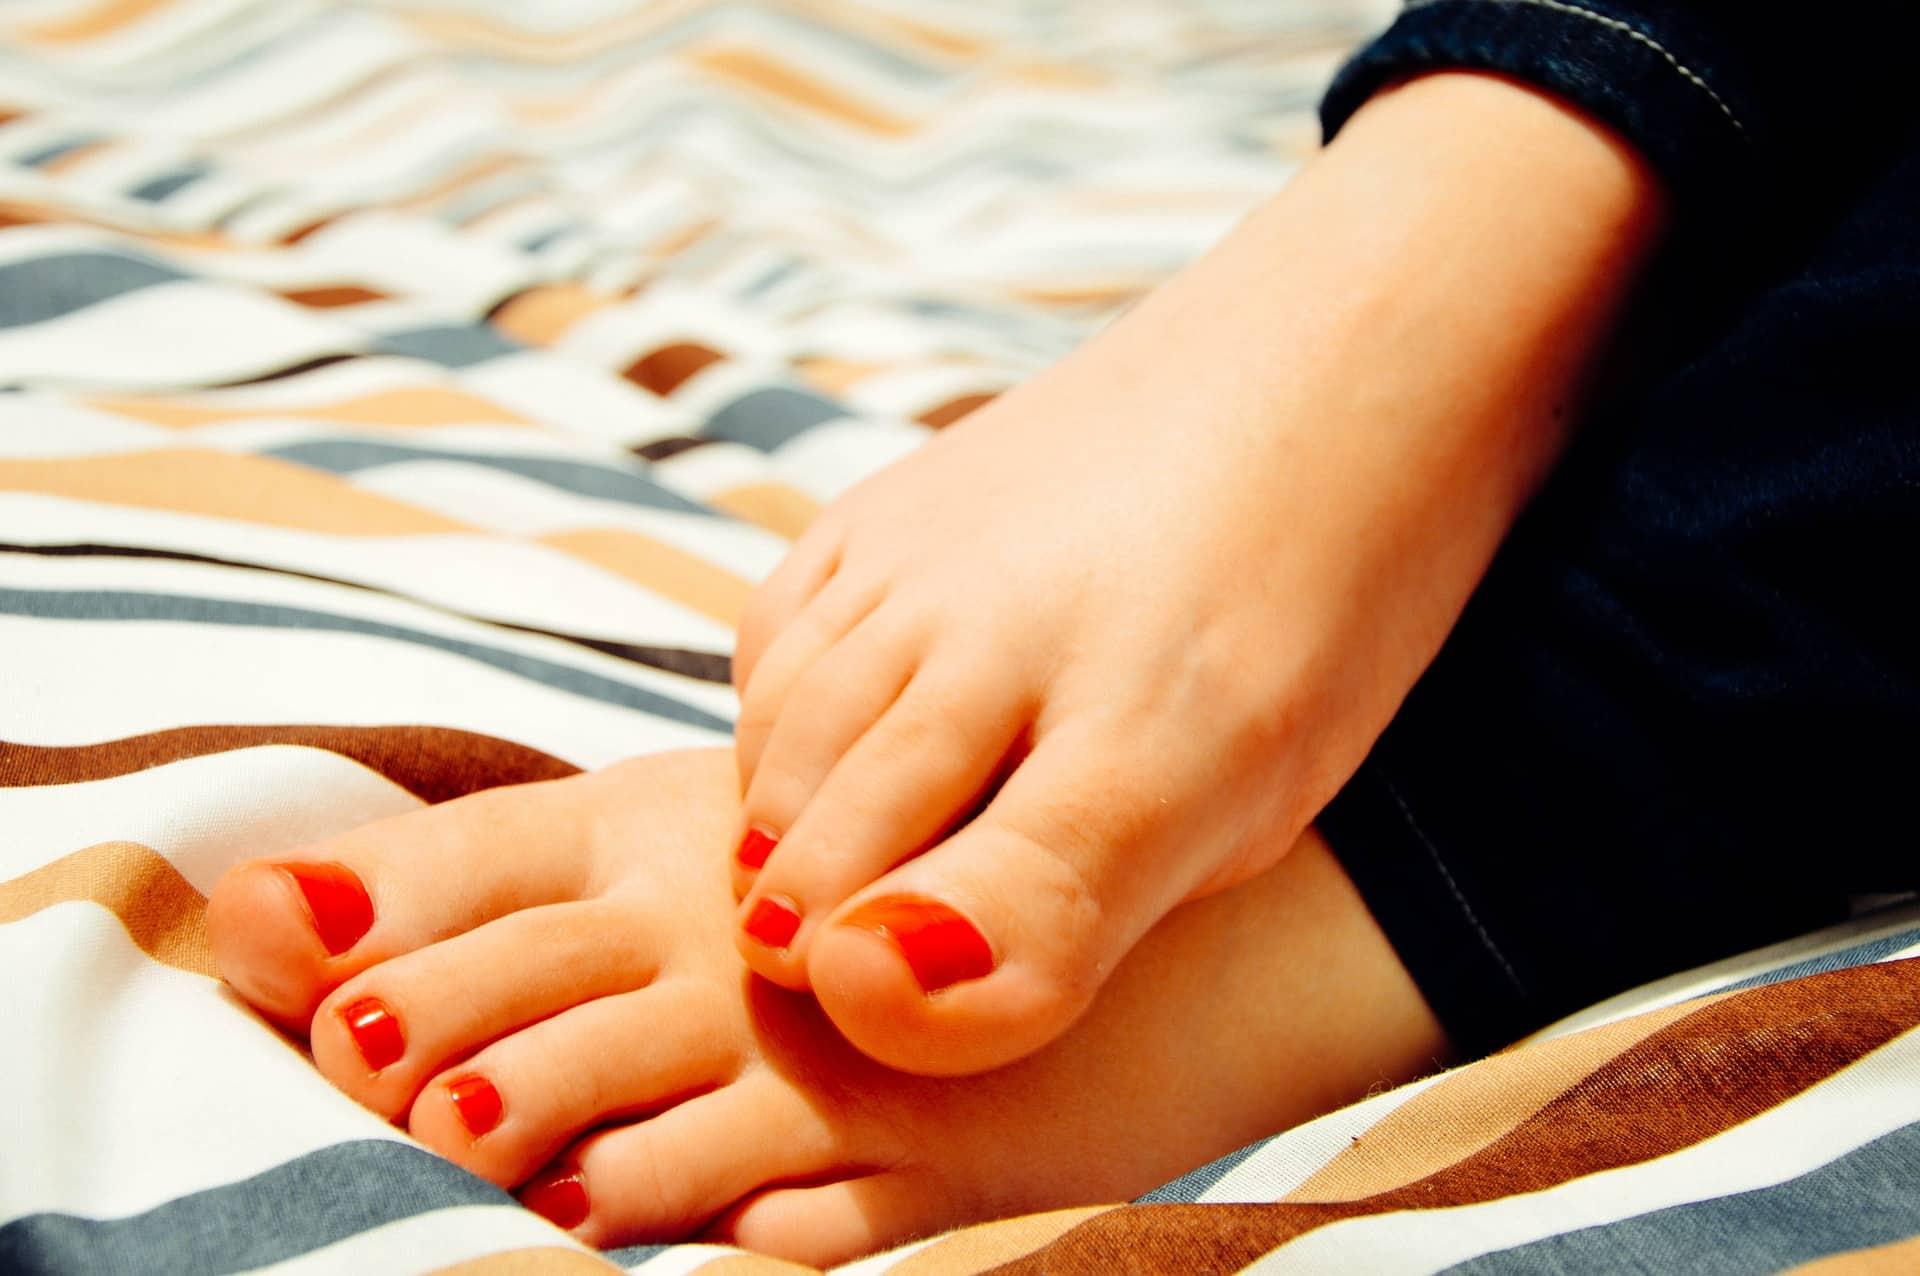 Clé n°1 : Prendre soin de ses pieds